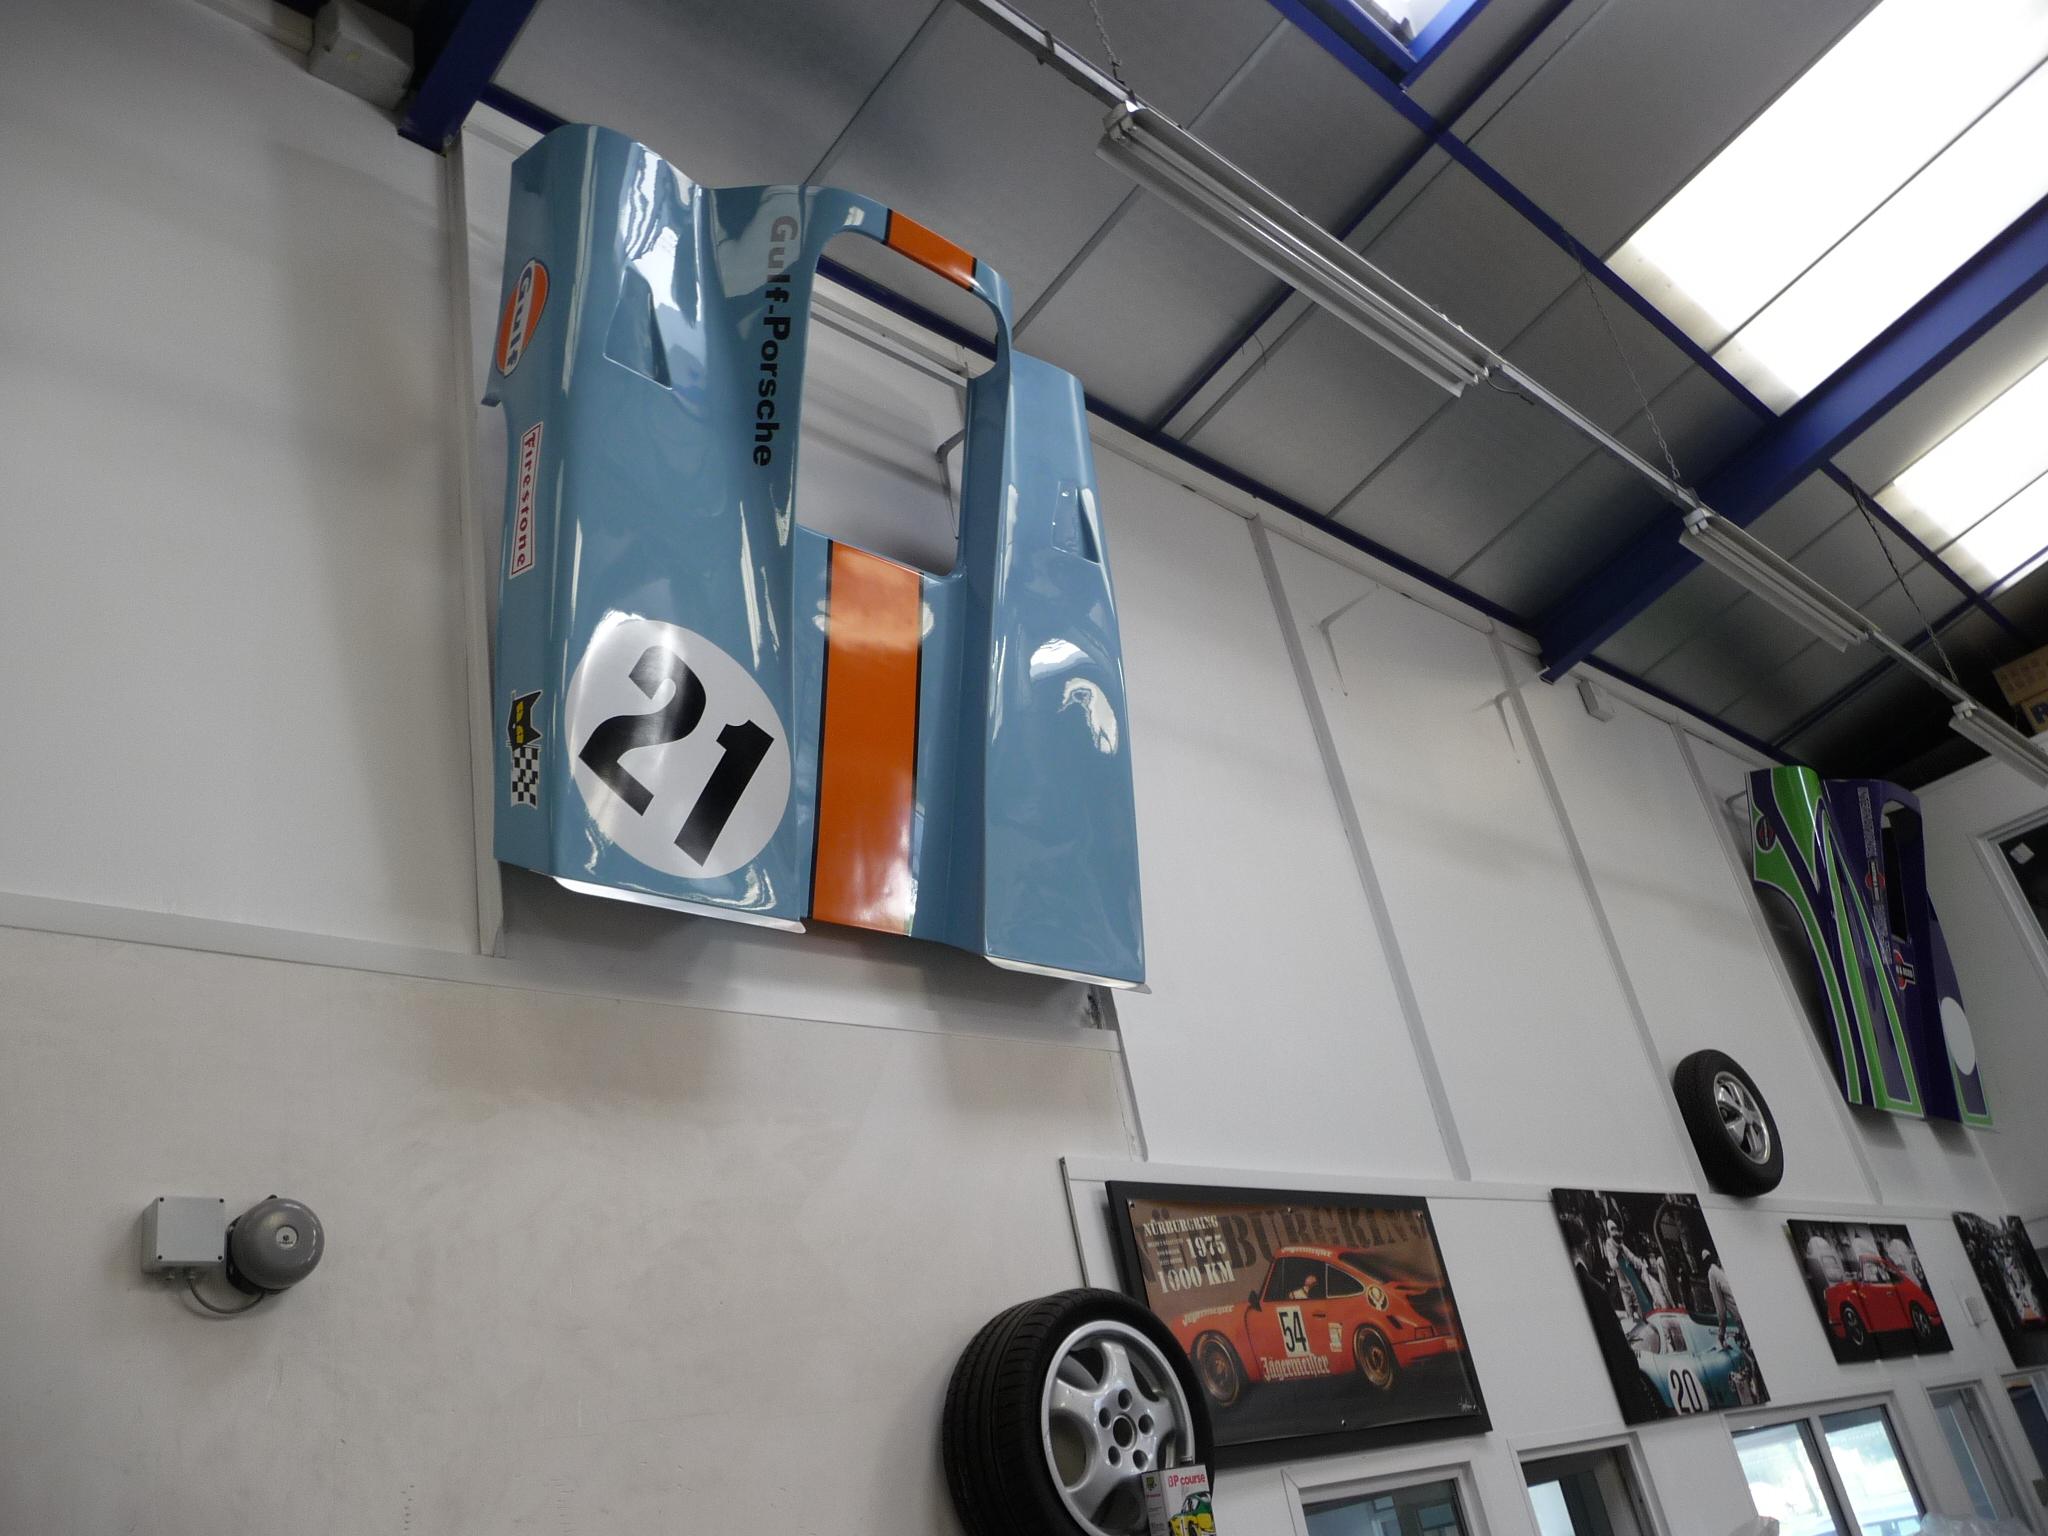 D coration garage porsche for Decoration maison voiture